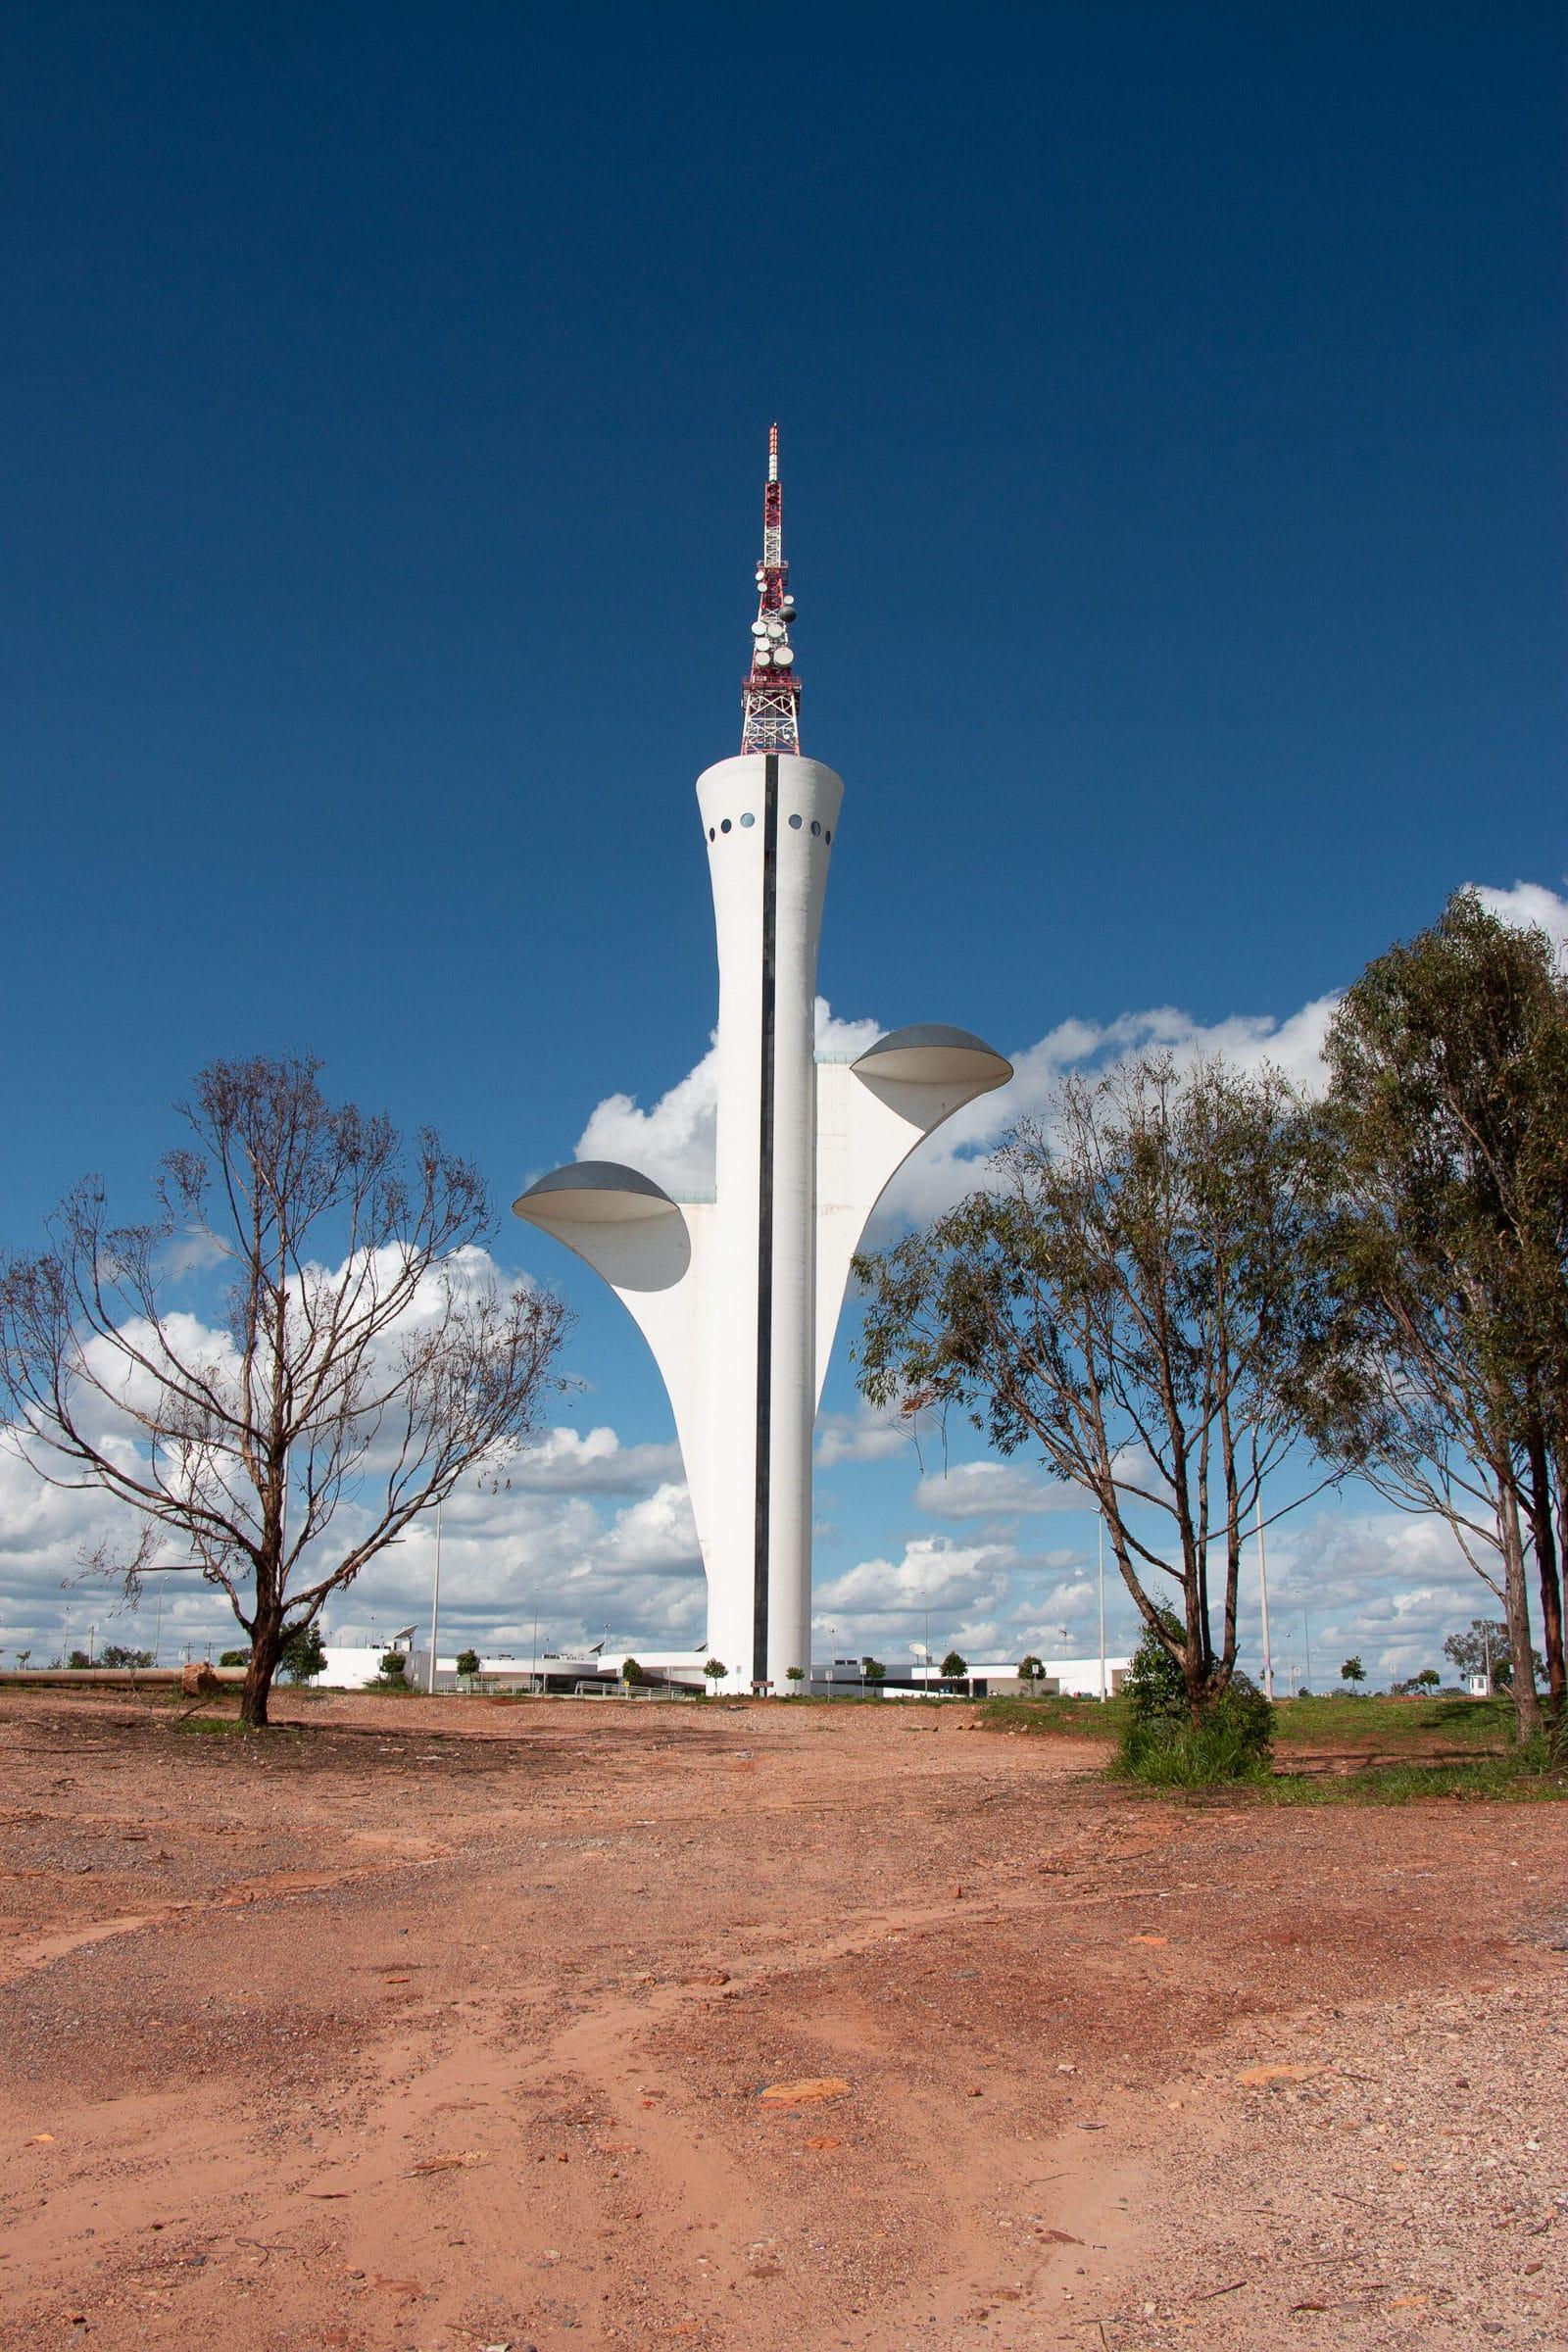 Torre Digital Brasilia Sehenswürdigkeiten Brasilien